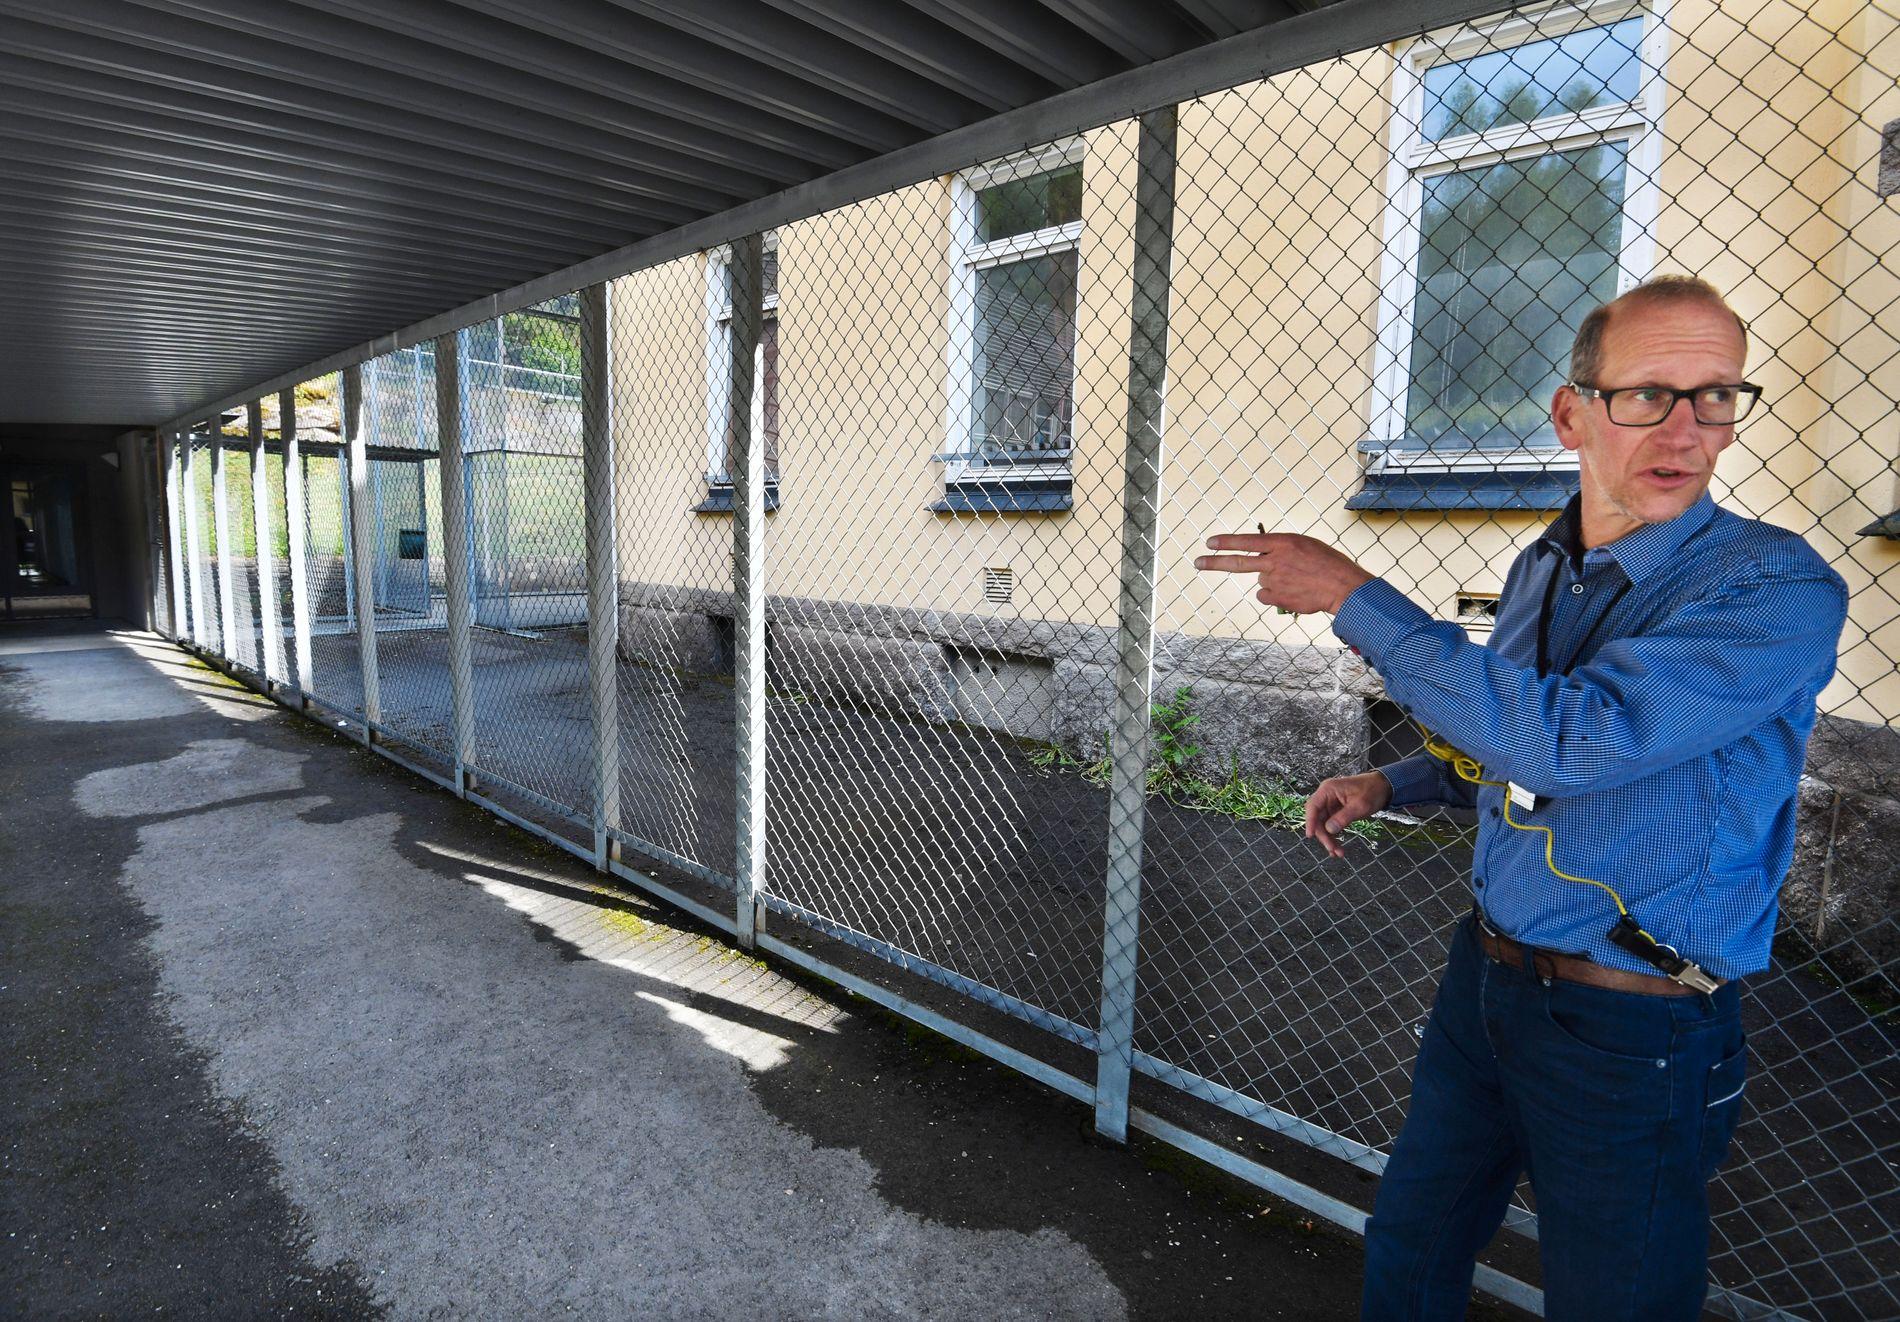 LUFTEGÅRD: Enhetsleder Bjarne Dahl ved RSA Dikemark. Det skal nå gjøres en oppgradering ved sykehuset som blant annet vil sikre to nye skjermingsenheter og et nytt aktivitetssenter - i påvente av et helt nytt bygg.